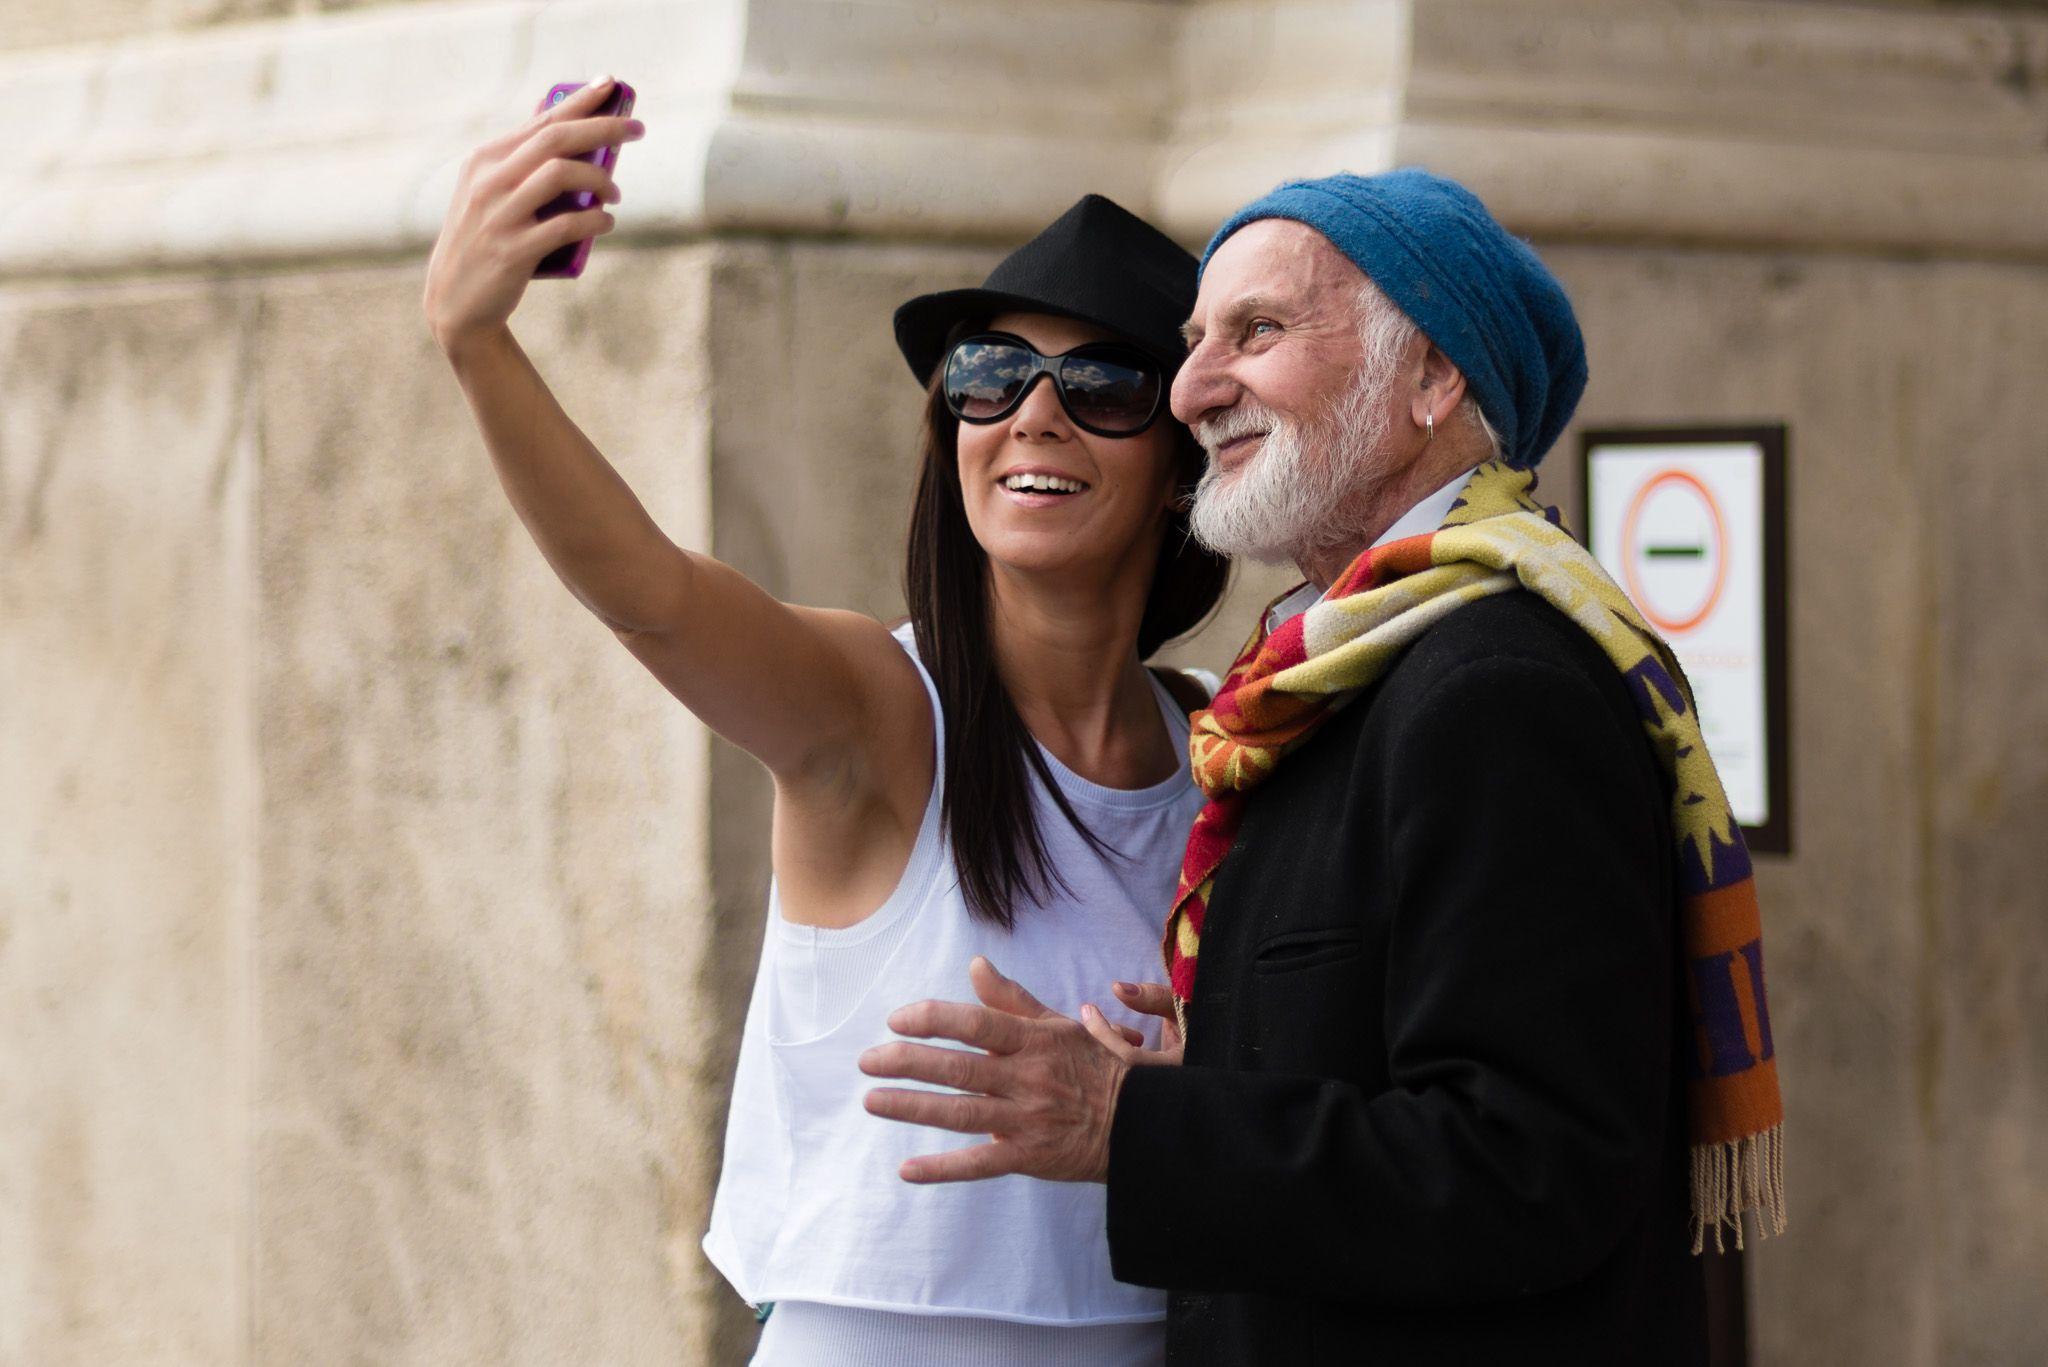 Selfie by Csaba Somogyi